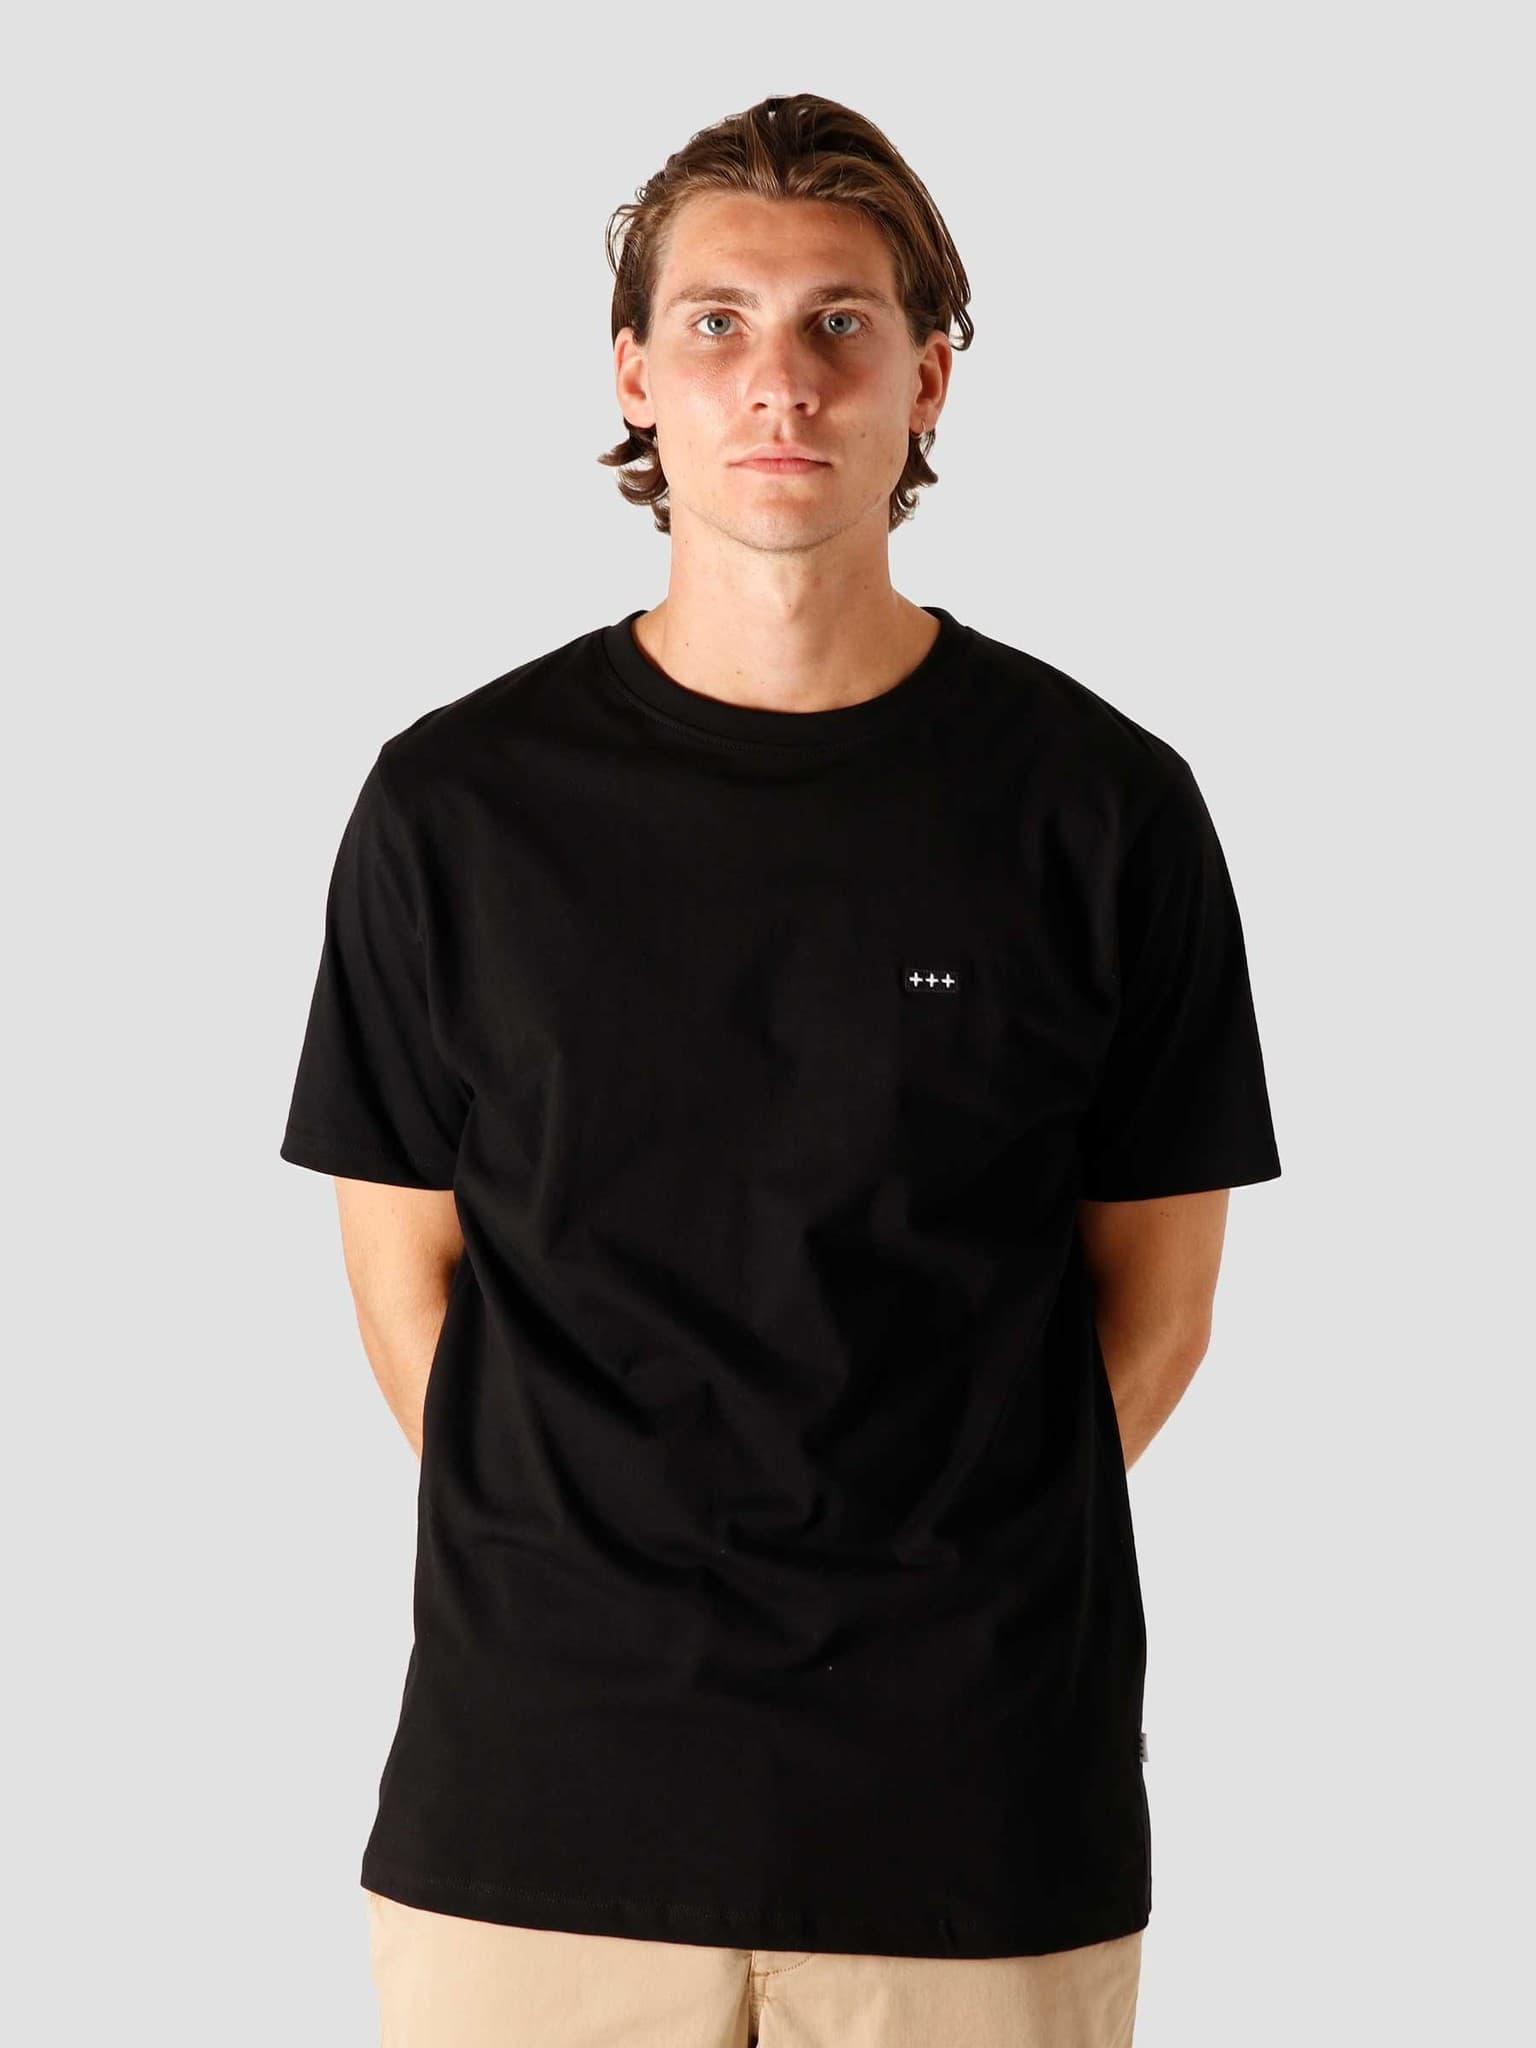 QB03 Patch Logo T-shirt Black